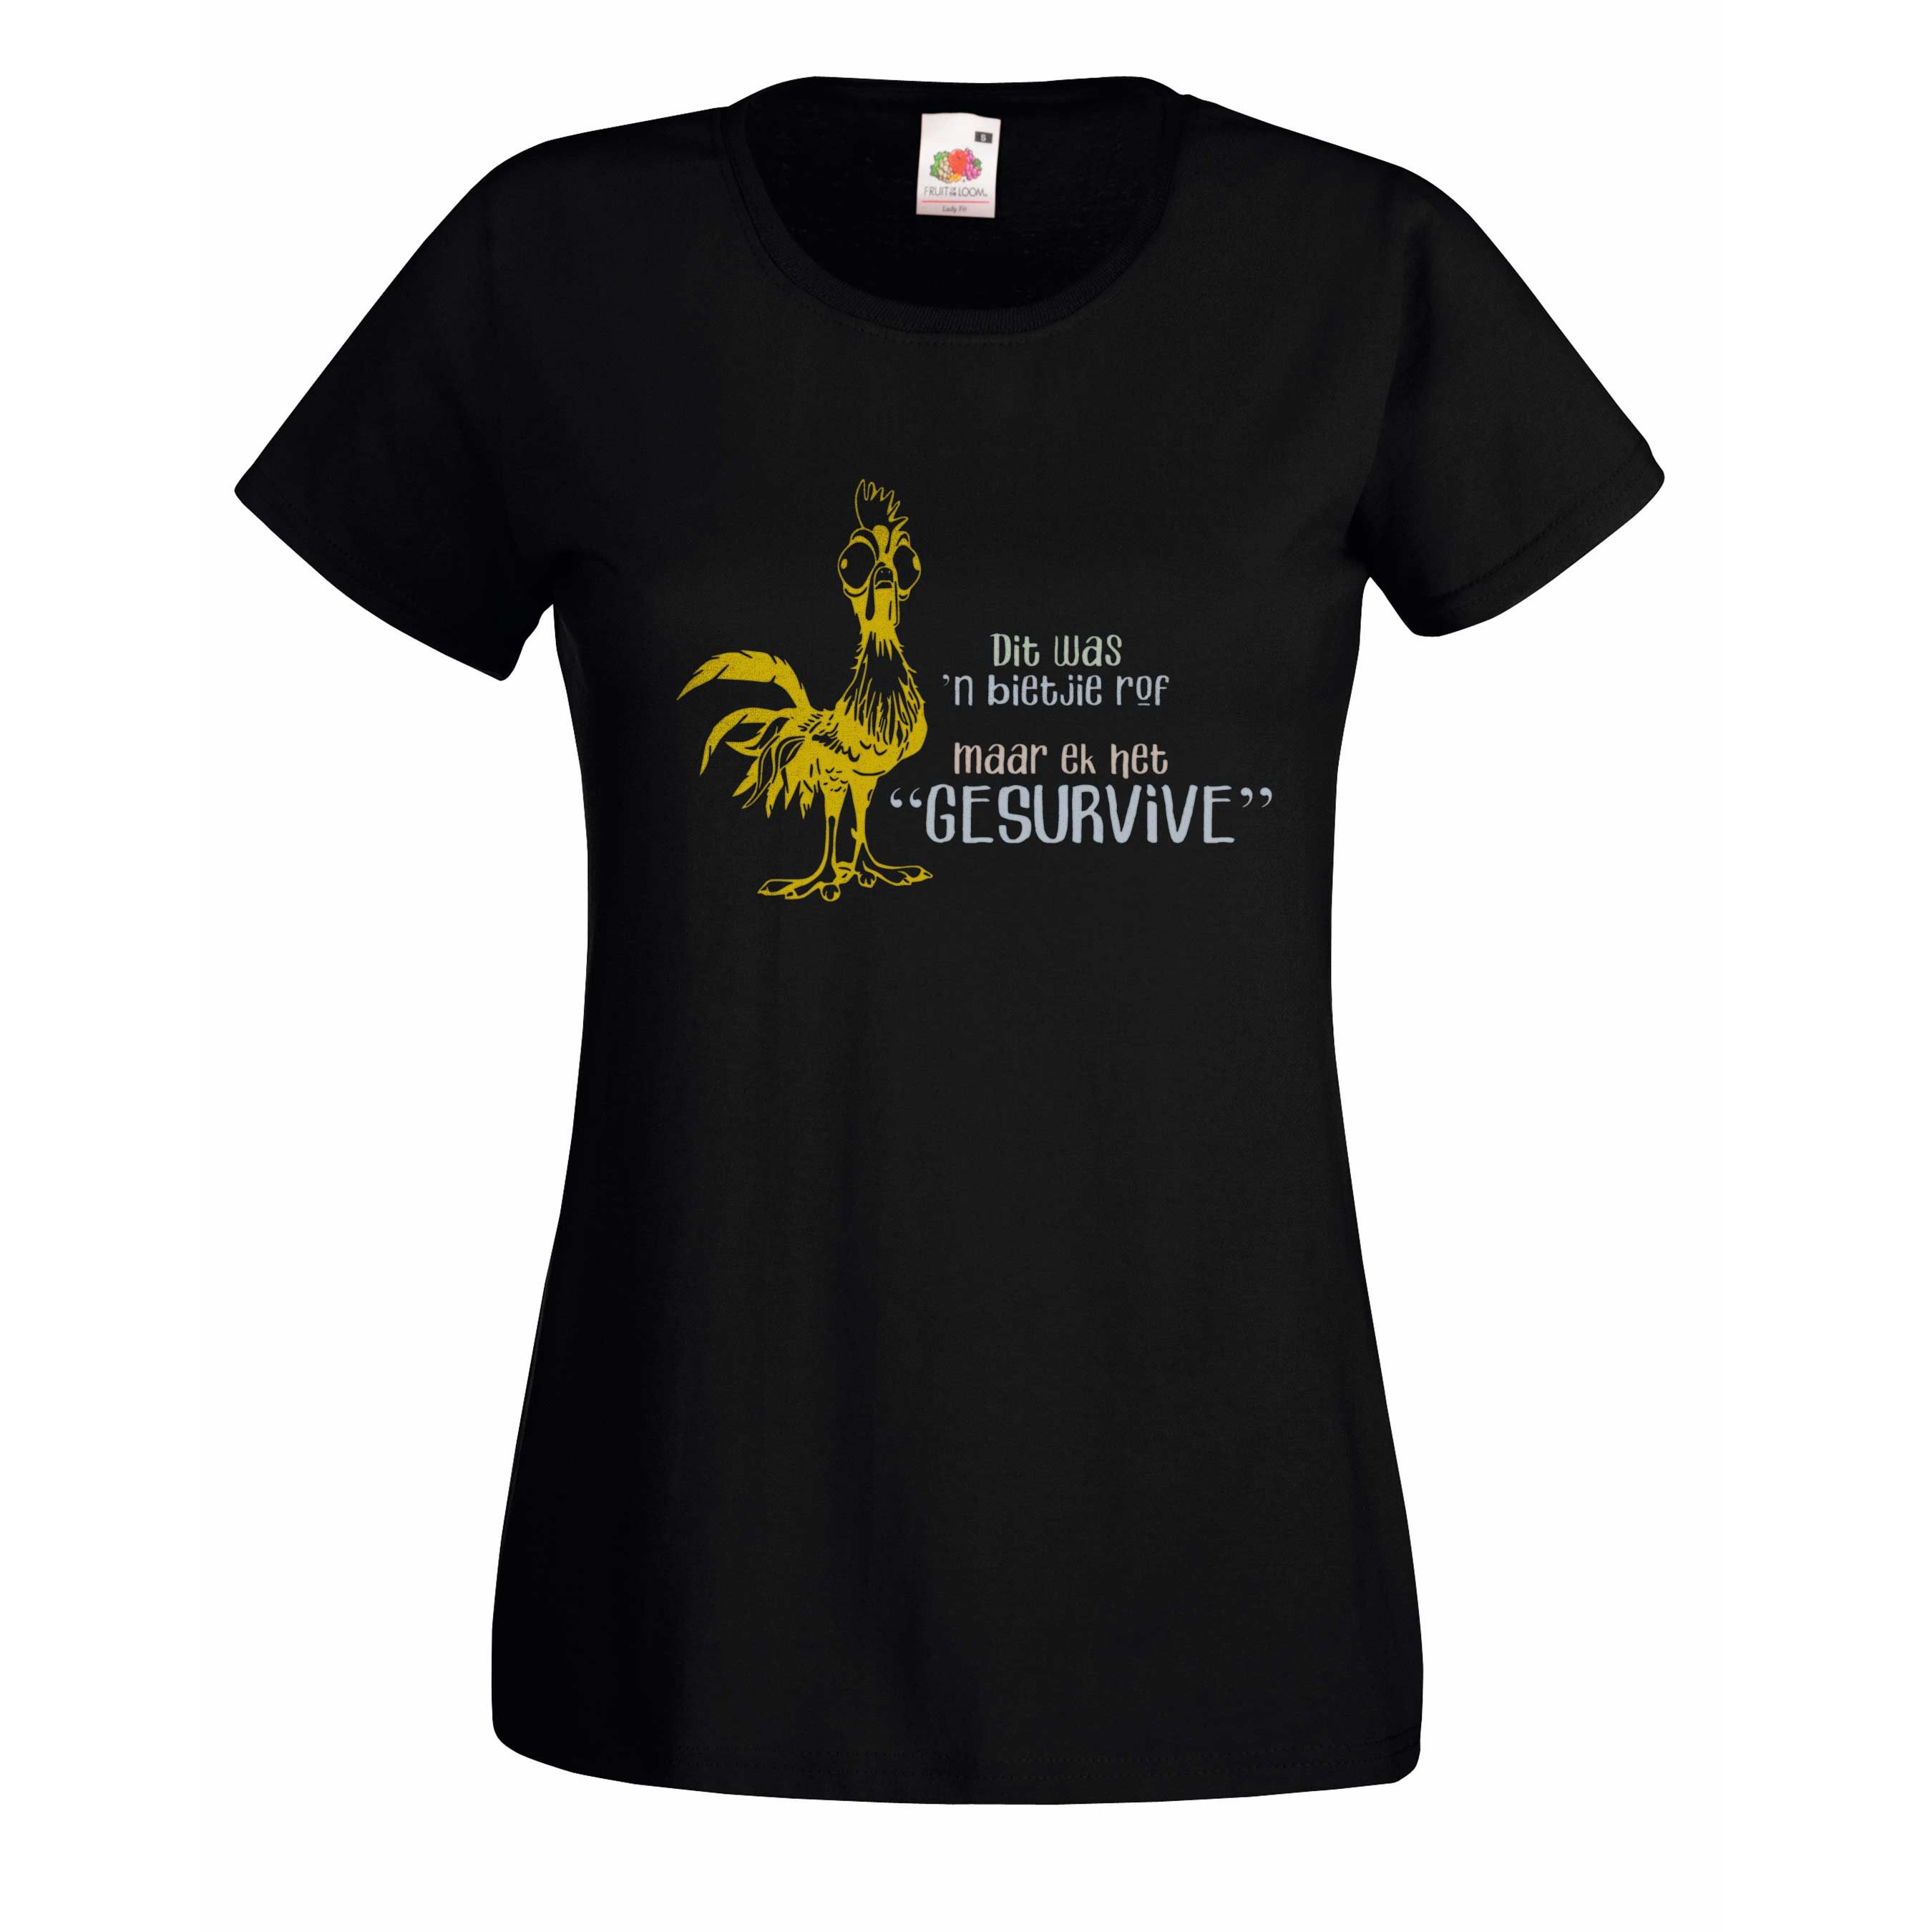 Bietjie Rof design for t-shirt, hoodie & sweatshirt